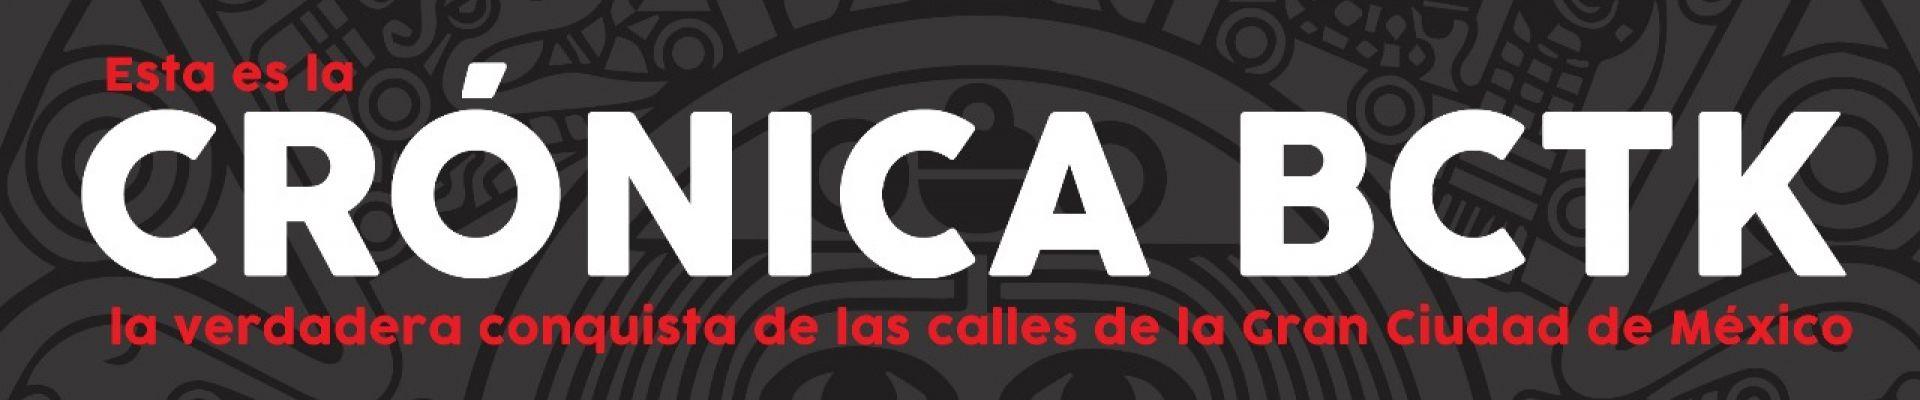 Cronica Biciteka, la verdadera conquista de las calles de la Gran Ciudad de Mexico